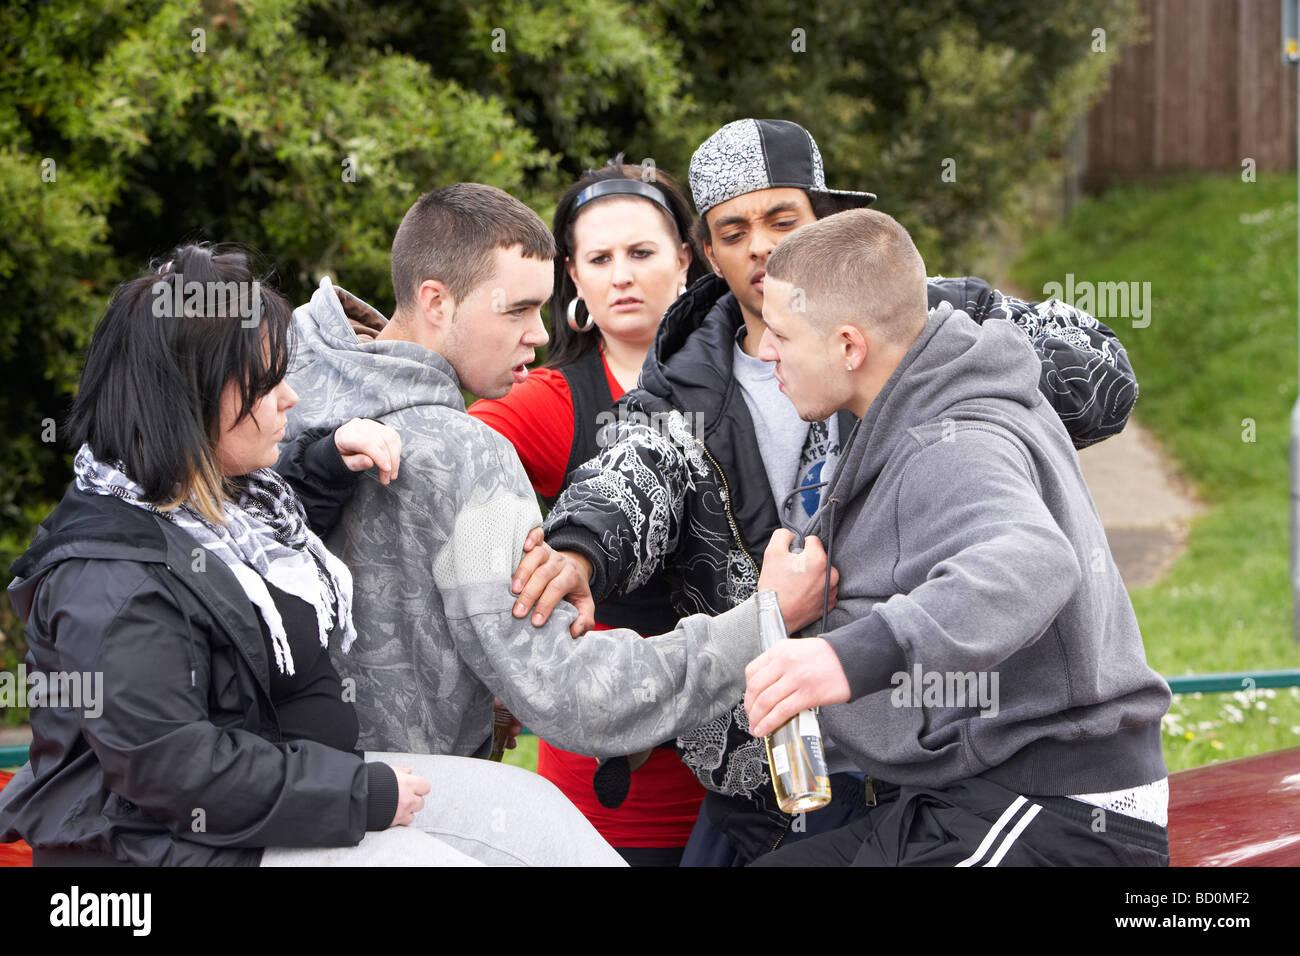 Bande von Jugendlichen kämpfen Stockfoto, Bild: 25216998 ...